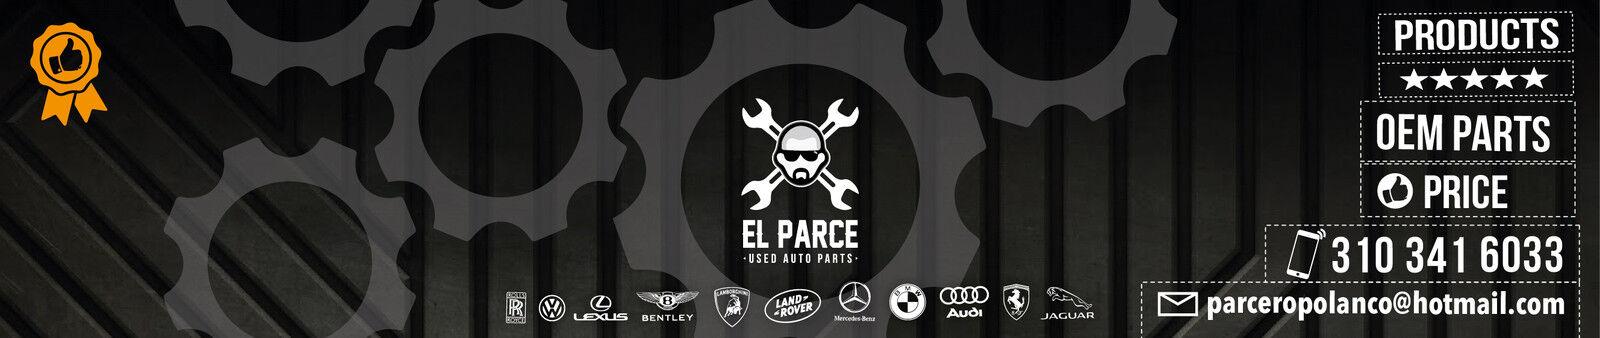 El Parce Used Auto Parts